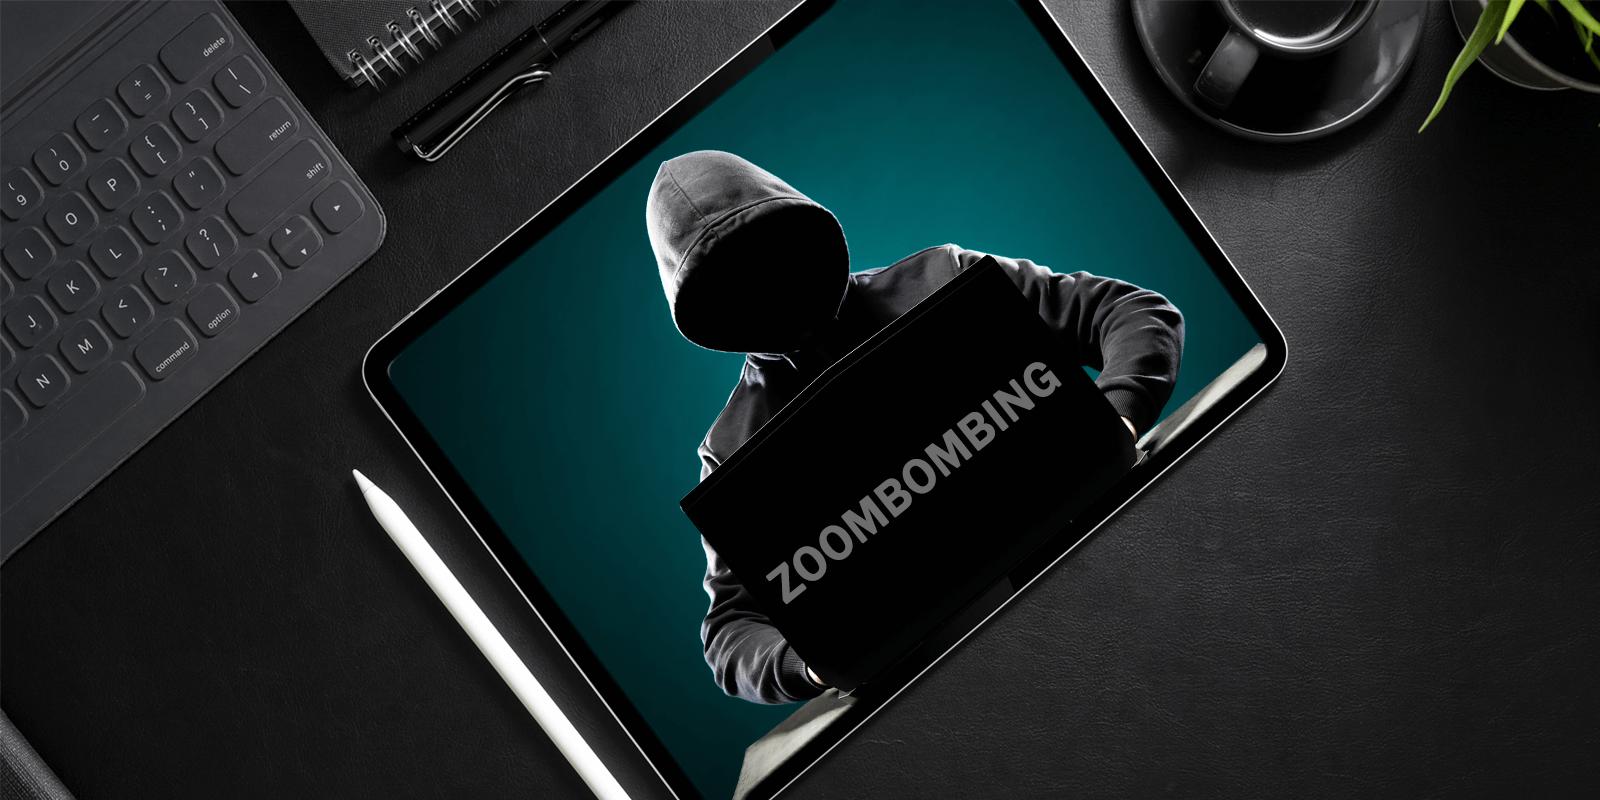 """Azioni di """"zoombombing"""" durante l'open day all'Ic1 di Vasto. Tramite la Polizia Postale la denuncia del Dirigente Scolastico"""